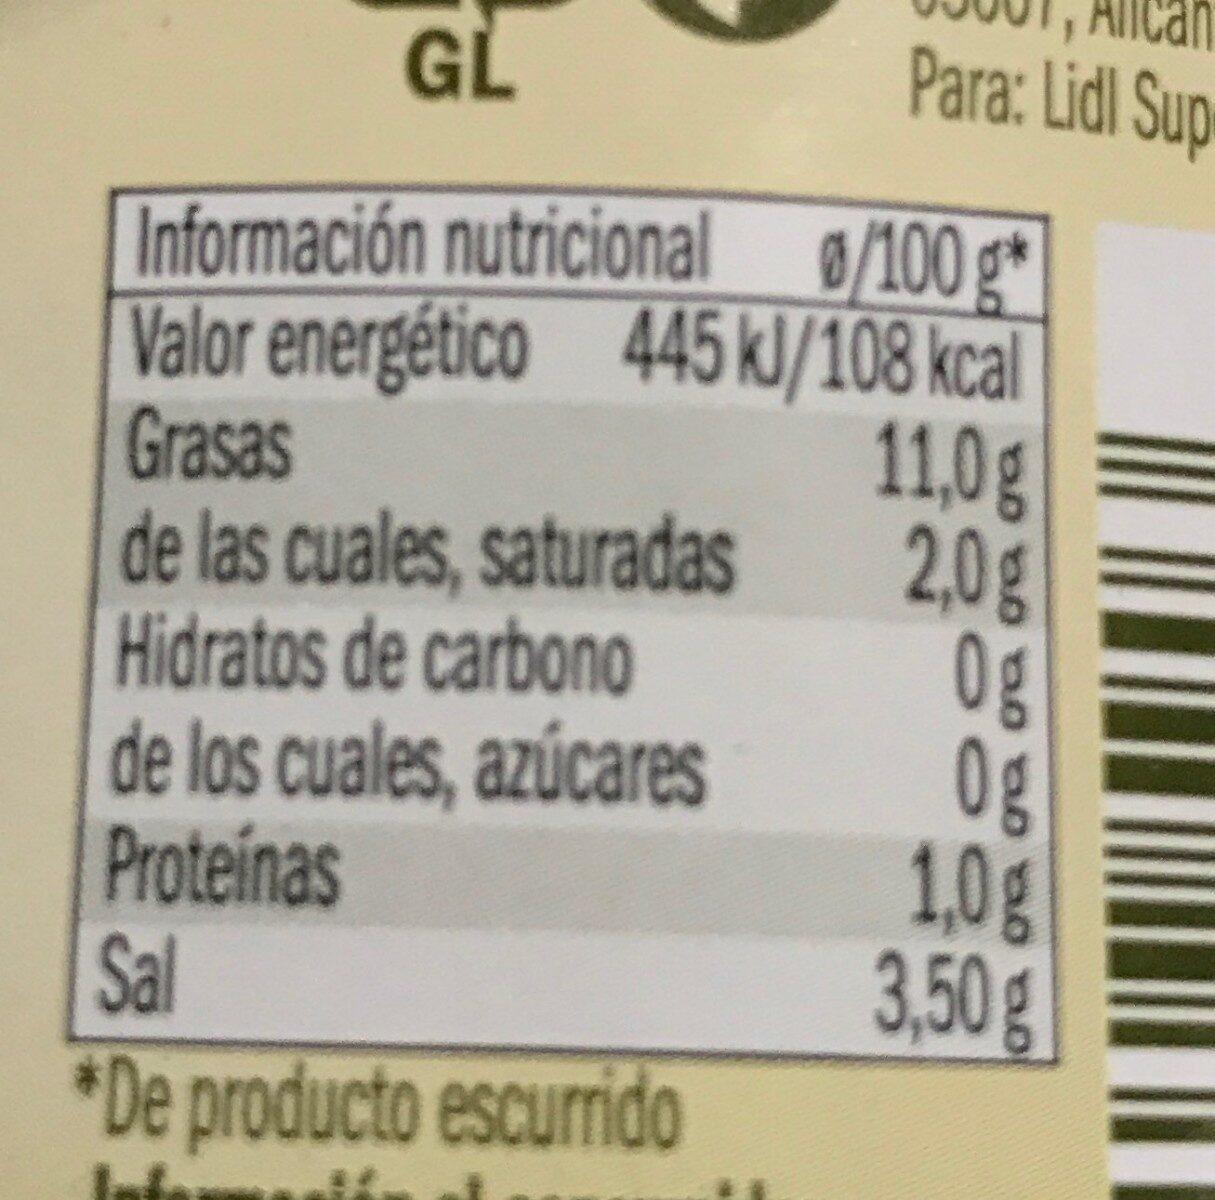 Aceituna gordal rellena jalapeño - Informació nutricional - es